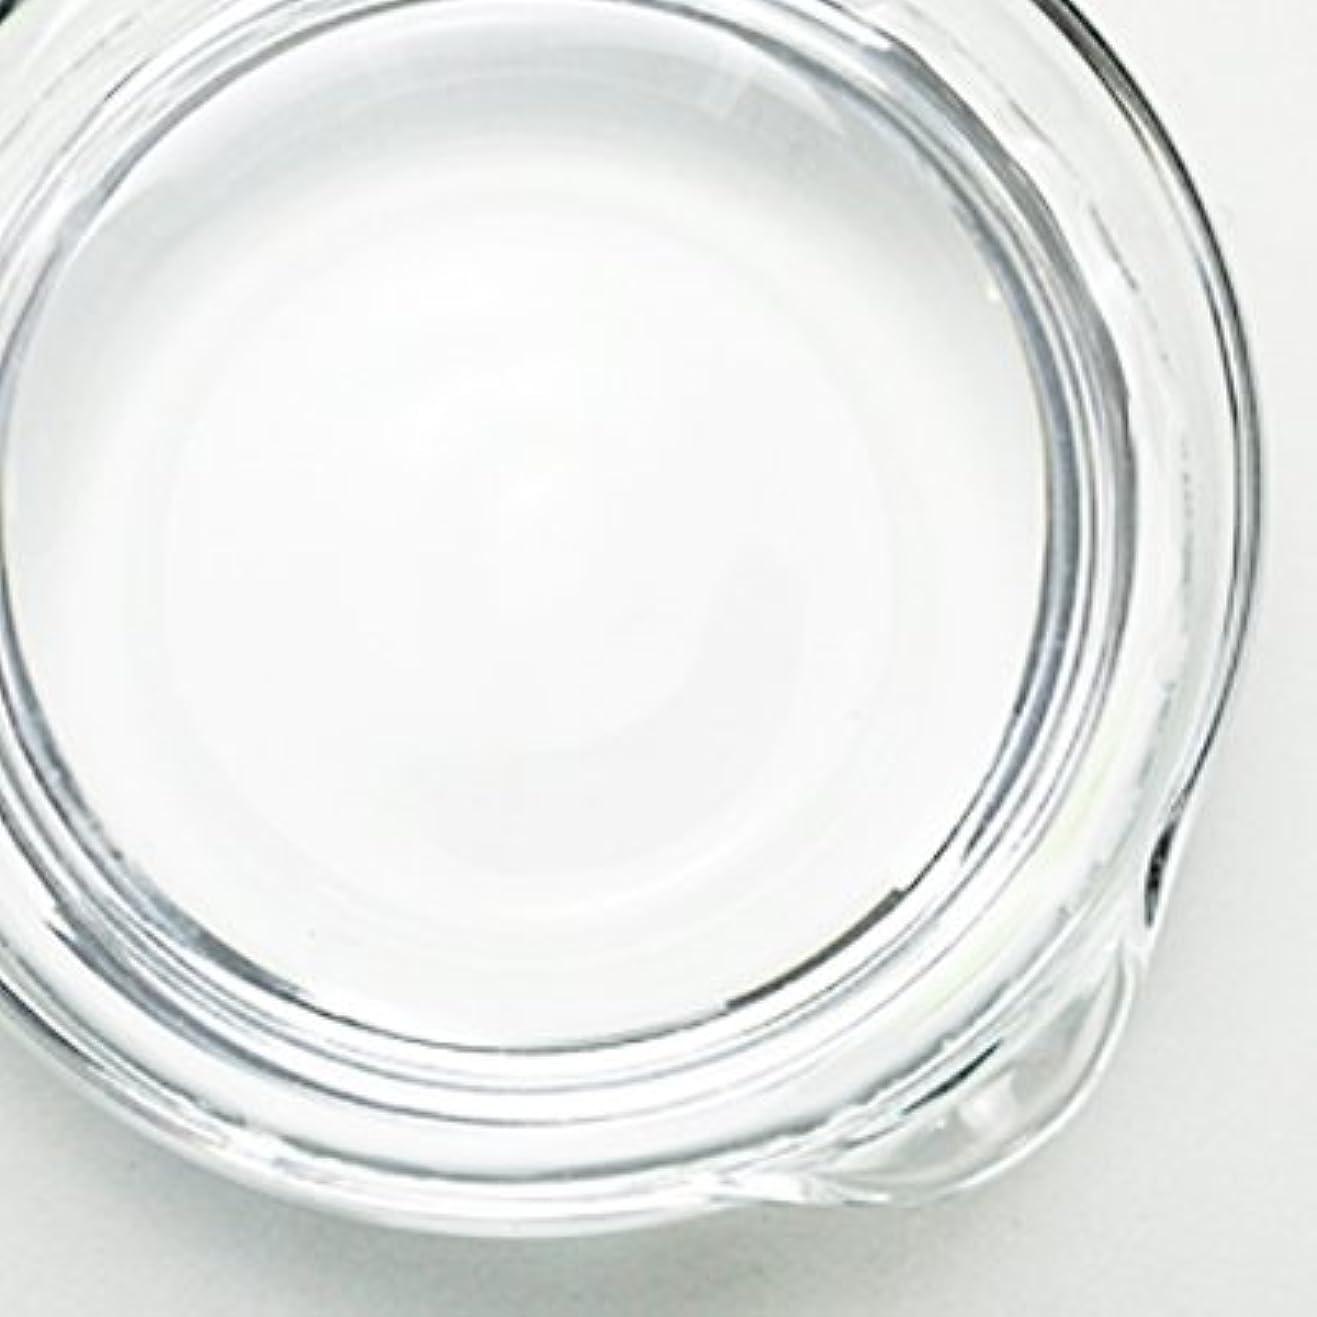 賃金トレッド受け入れる1,3-ブチレングリコール[BG] 100ml 【手作り石鹸/手作りコスメ】